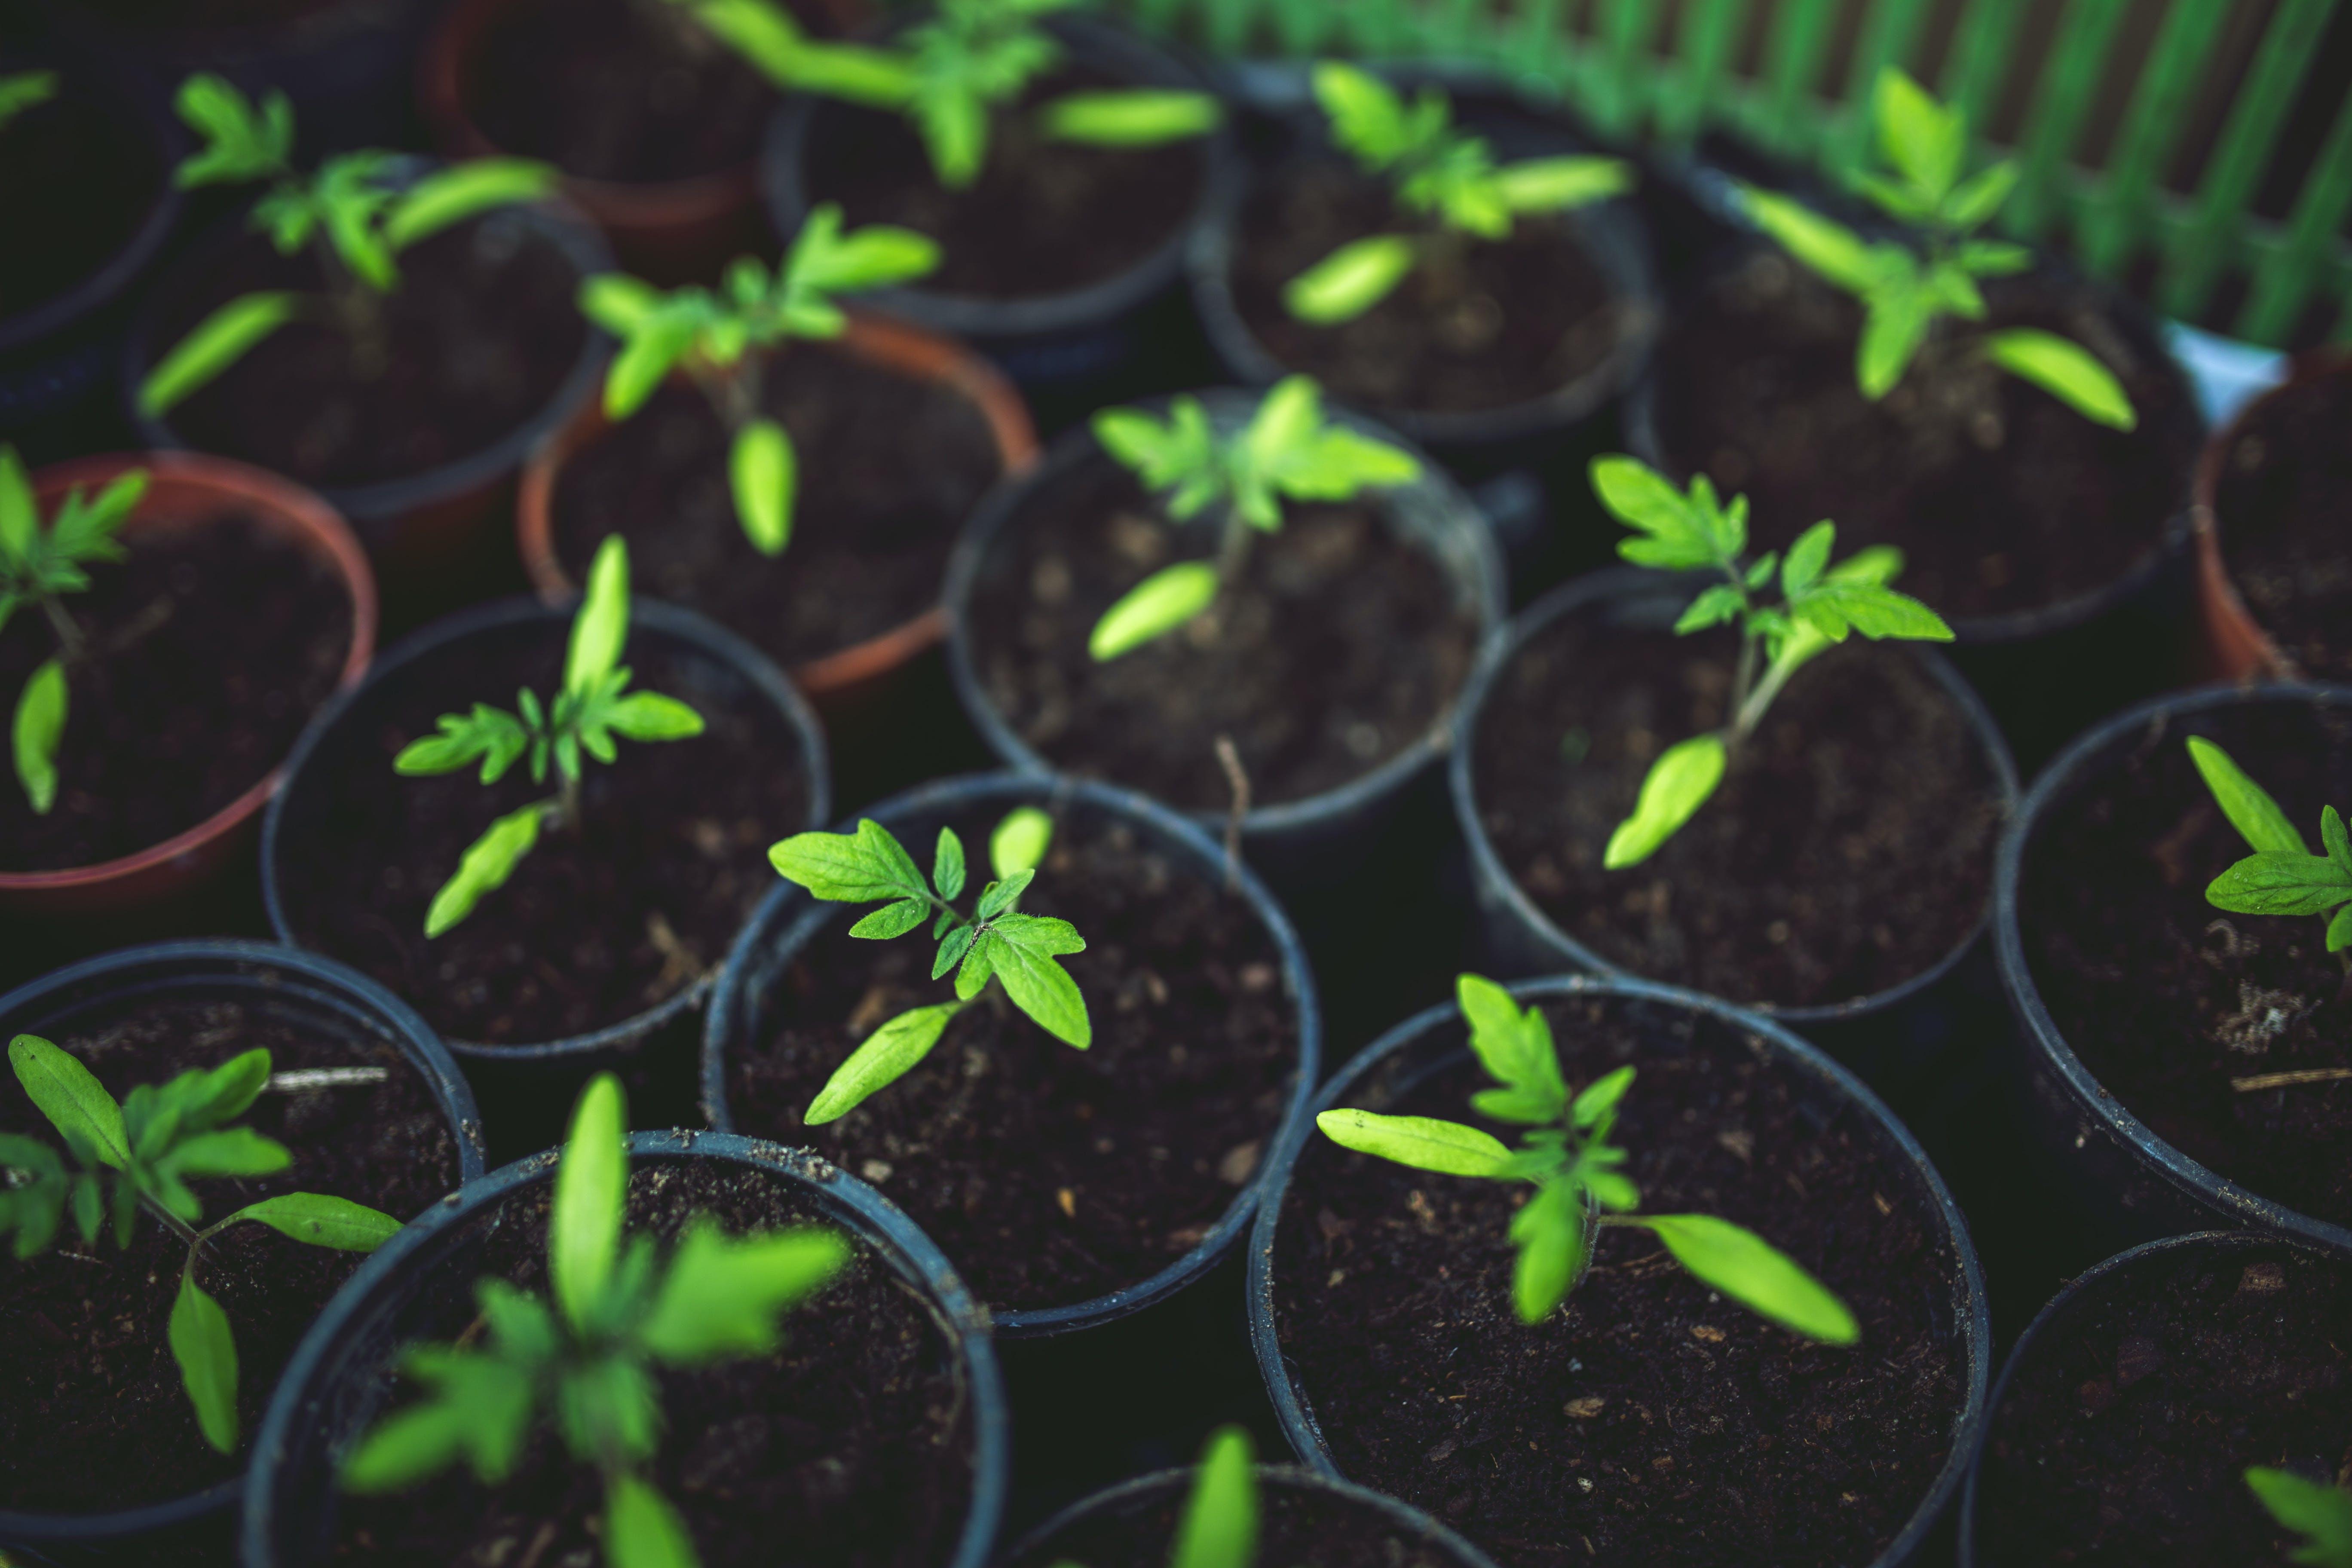 Δωρεάν στοκ φωτογραφιών με eco, ανάπτυξη, γλάστρα, έδαφος